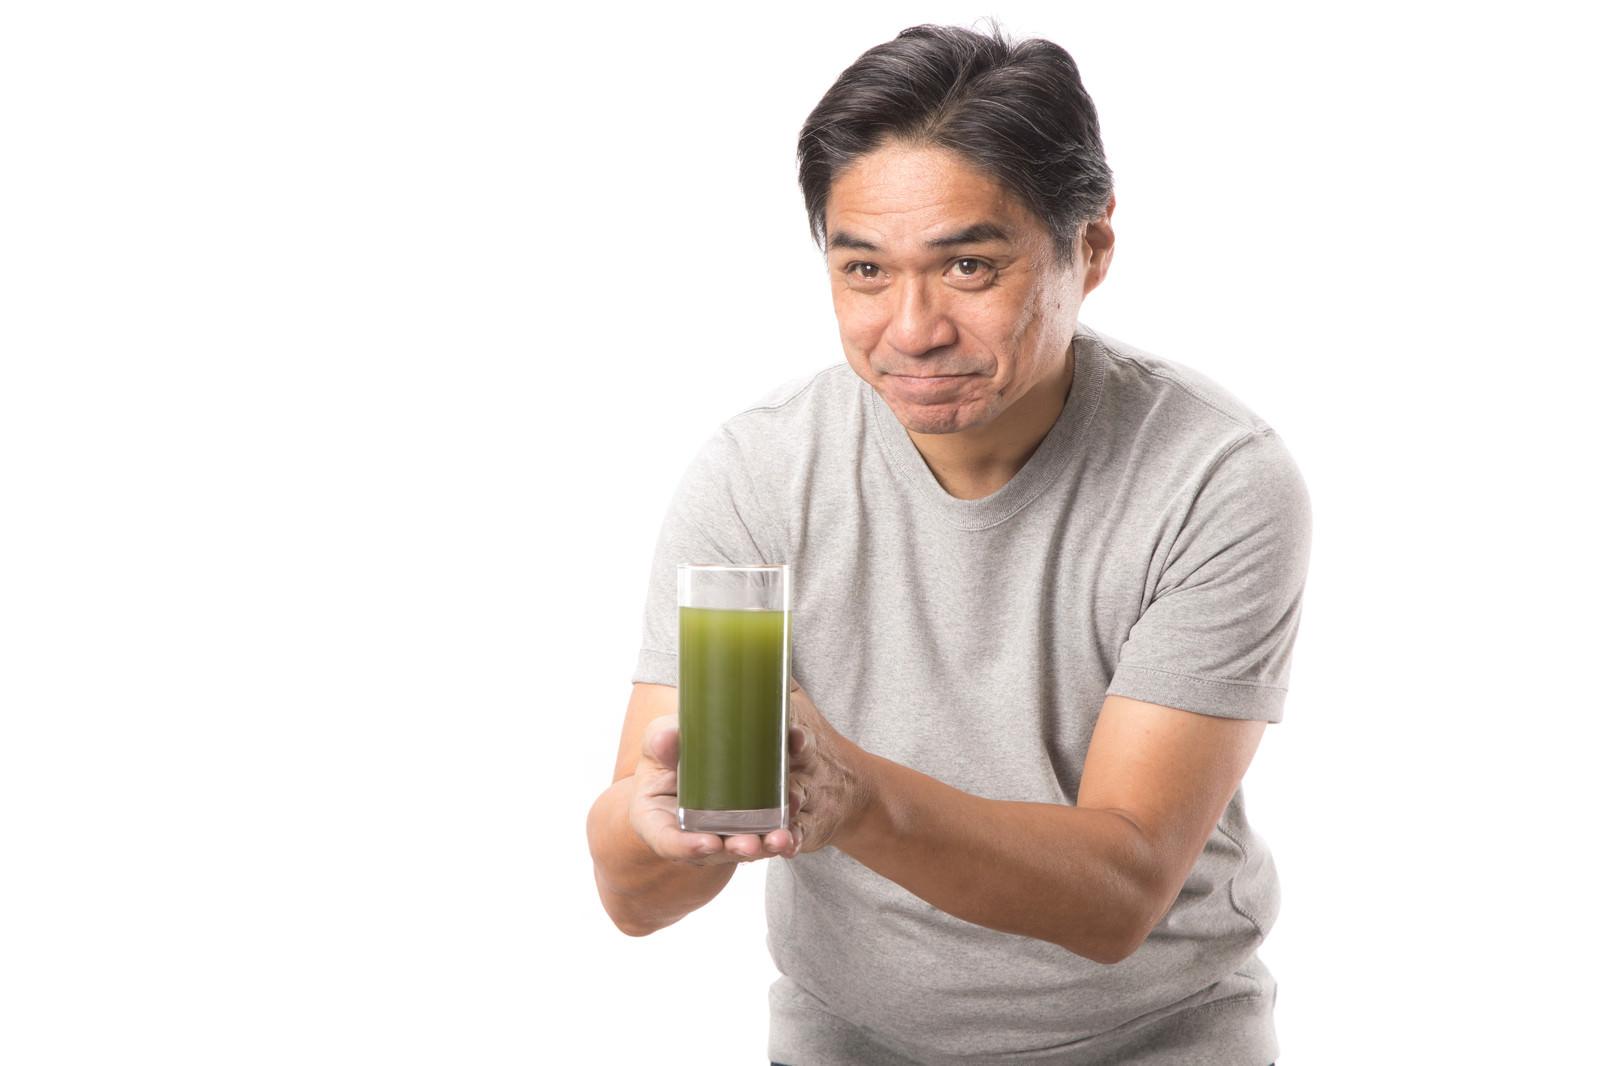 「搾りたての青汁をお持ちしました(中年男性)搾りたての青汁をお持ちしました(中年男性)」[モデル:よたか]のフリー写真素材を拡大